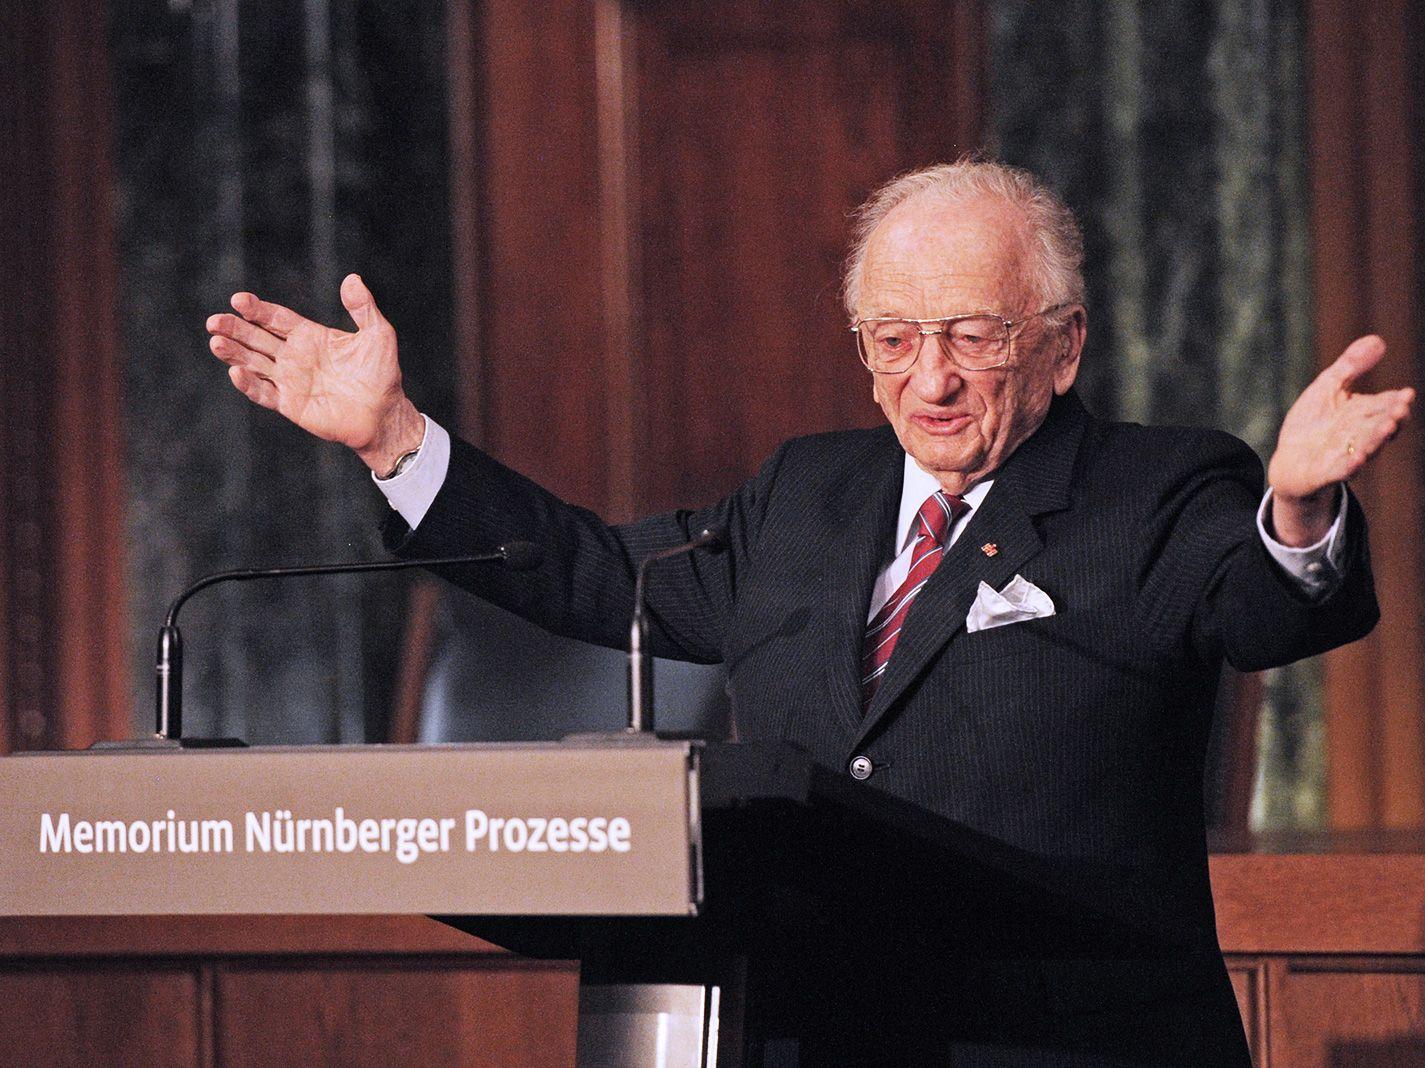 Odsúdil najbeštiálnejšiu skupinu nacistov a dnes je posledným žijúcim žalobcom Norimberských procesov